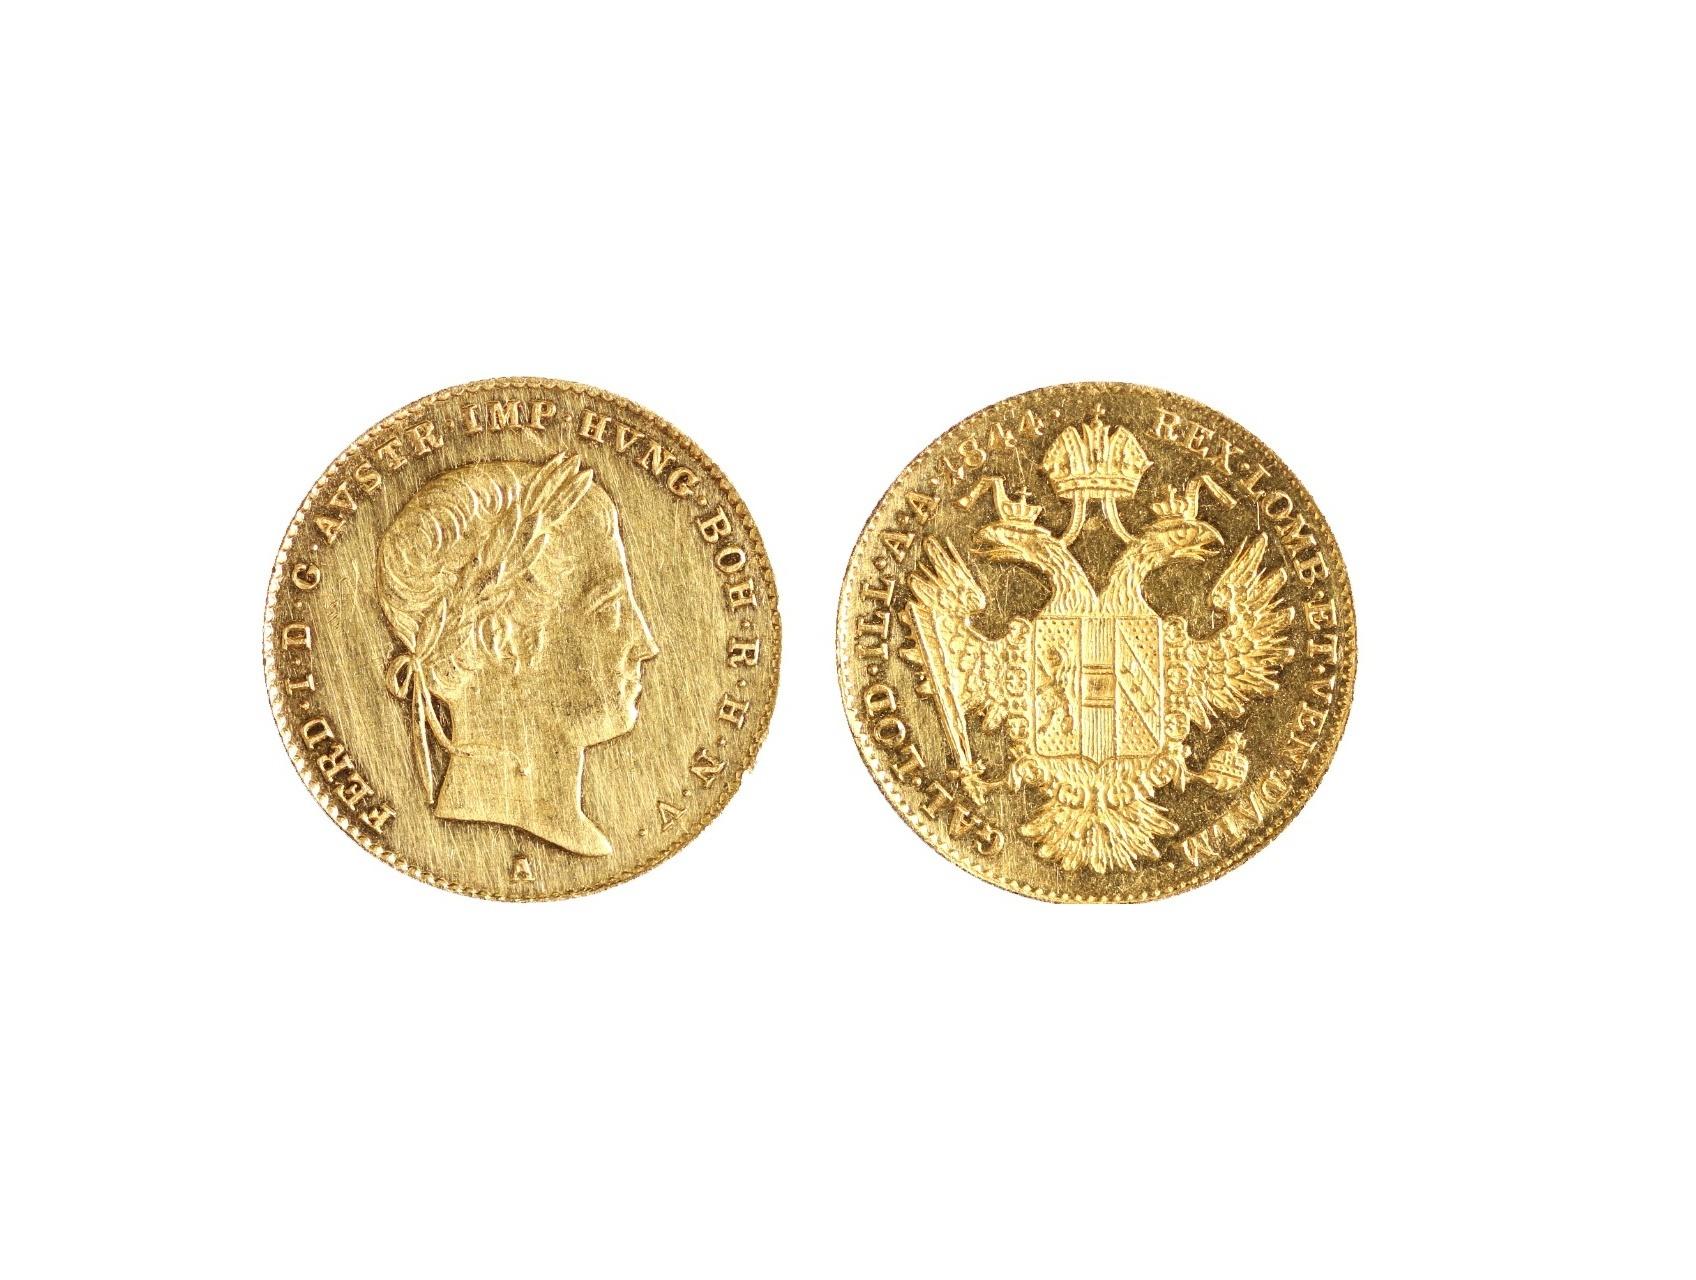 Ferdinand V. 1835-1848 - Dukát 1844 A, N44